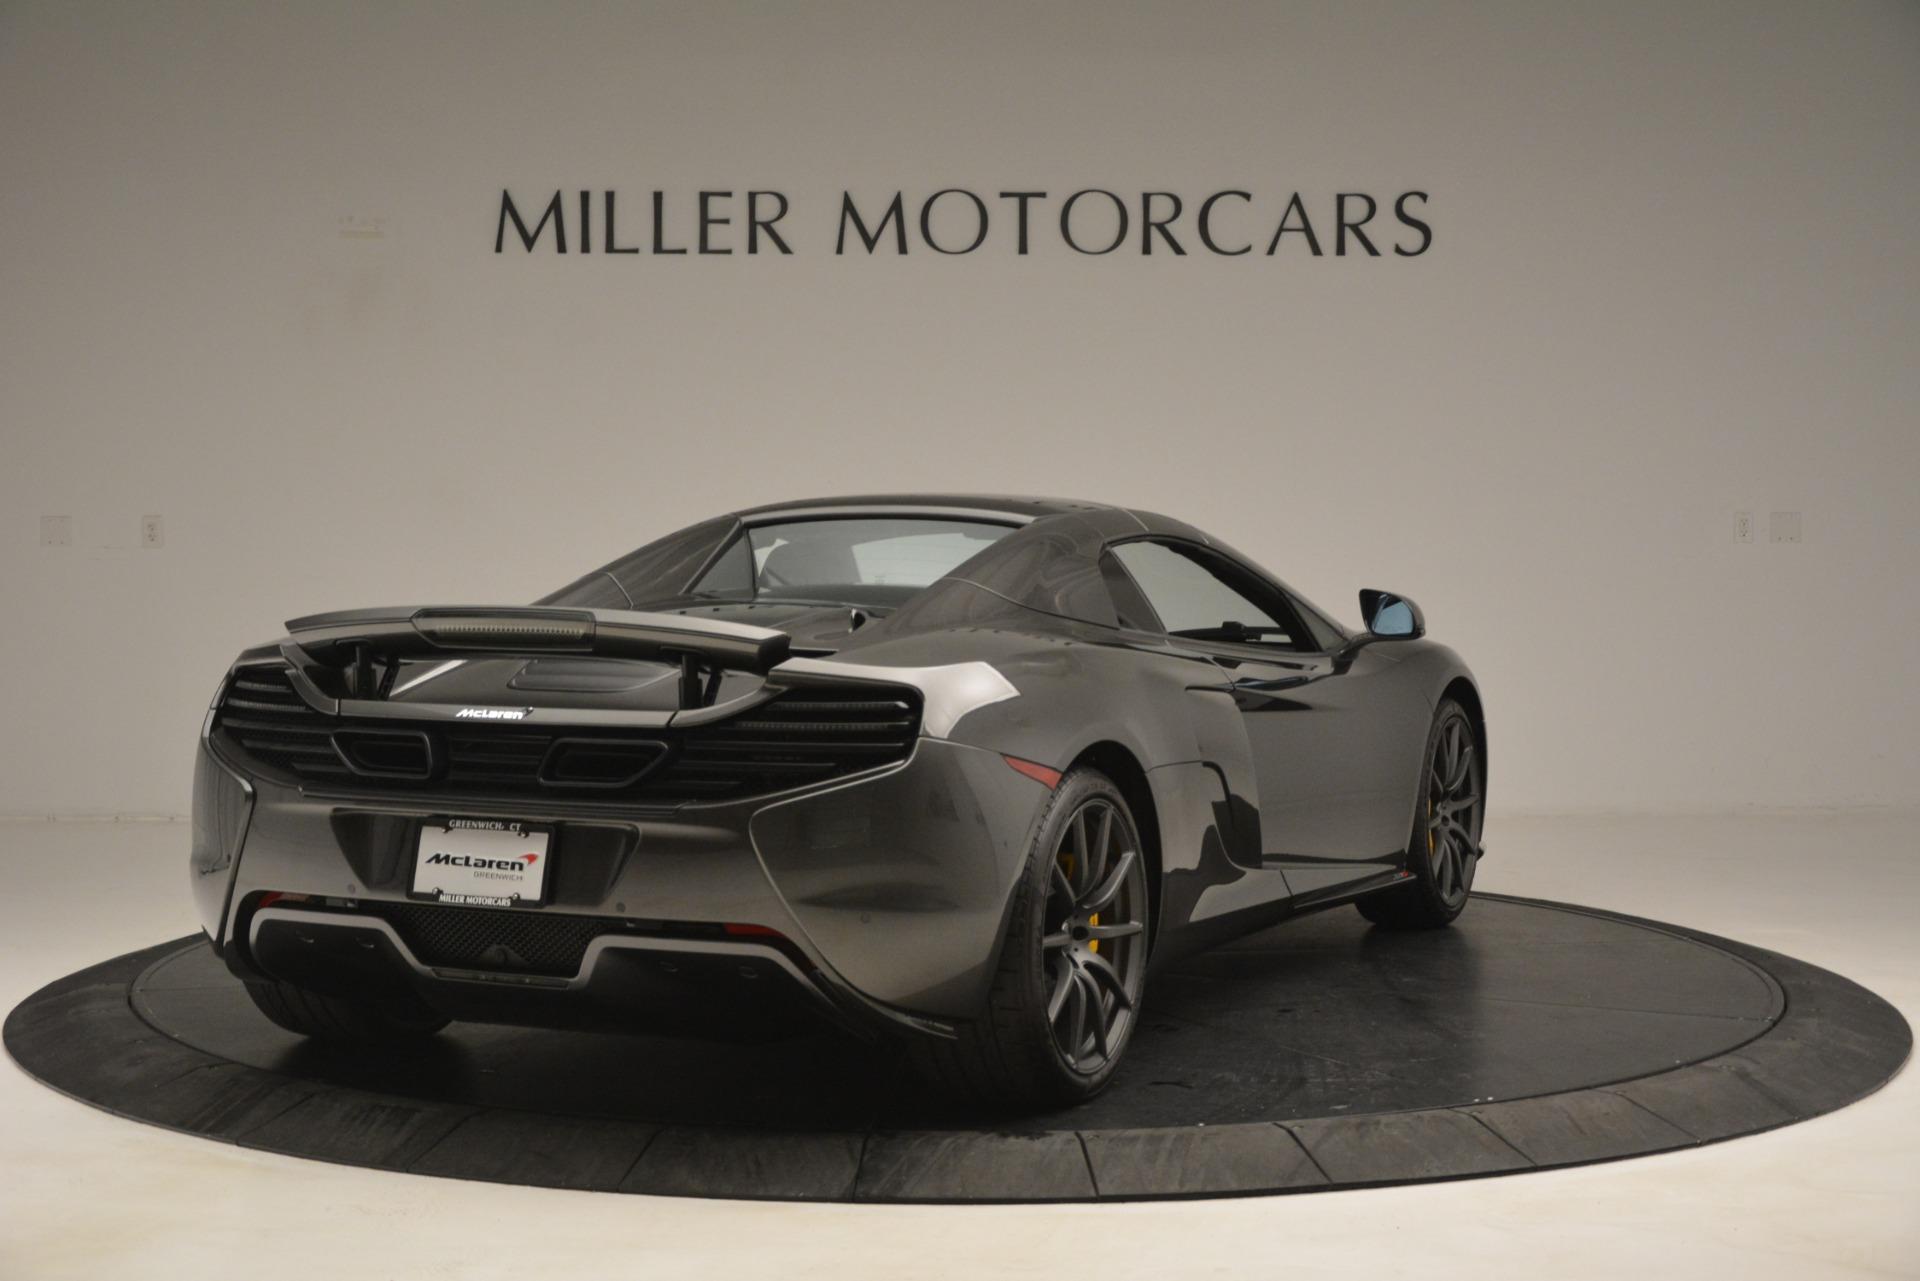 Used 2016 McLaren 650S Spider Convertible For Sale In Westport, CT 3062_p18